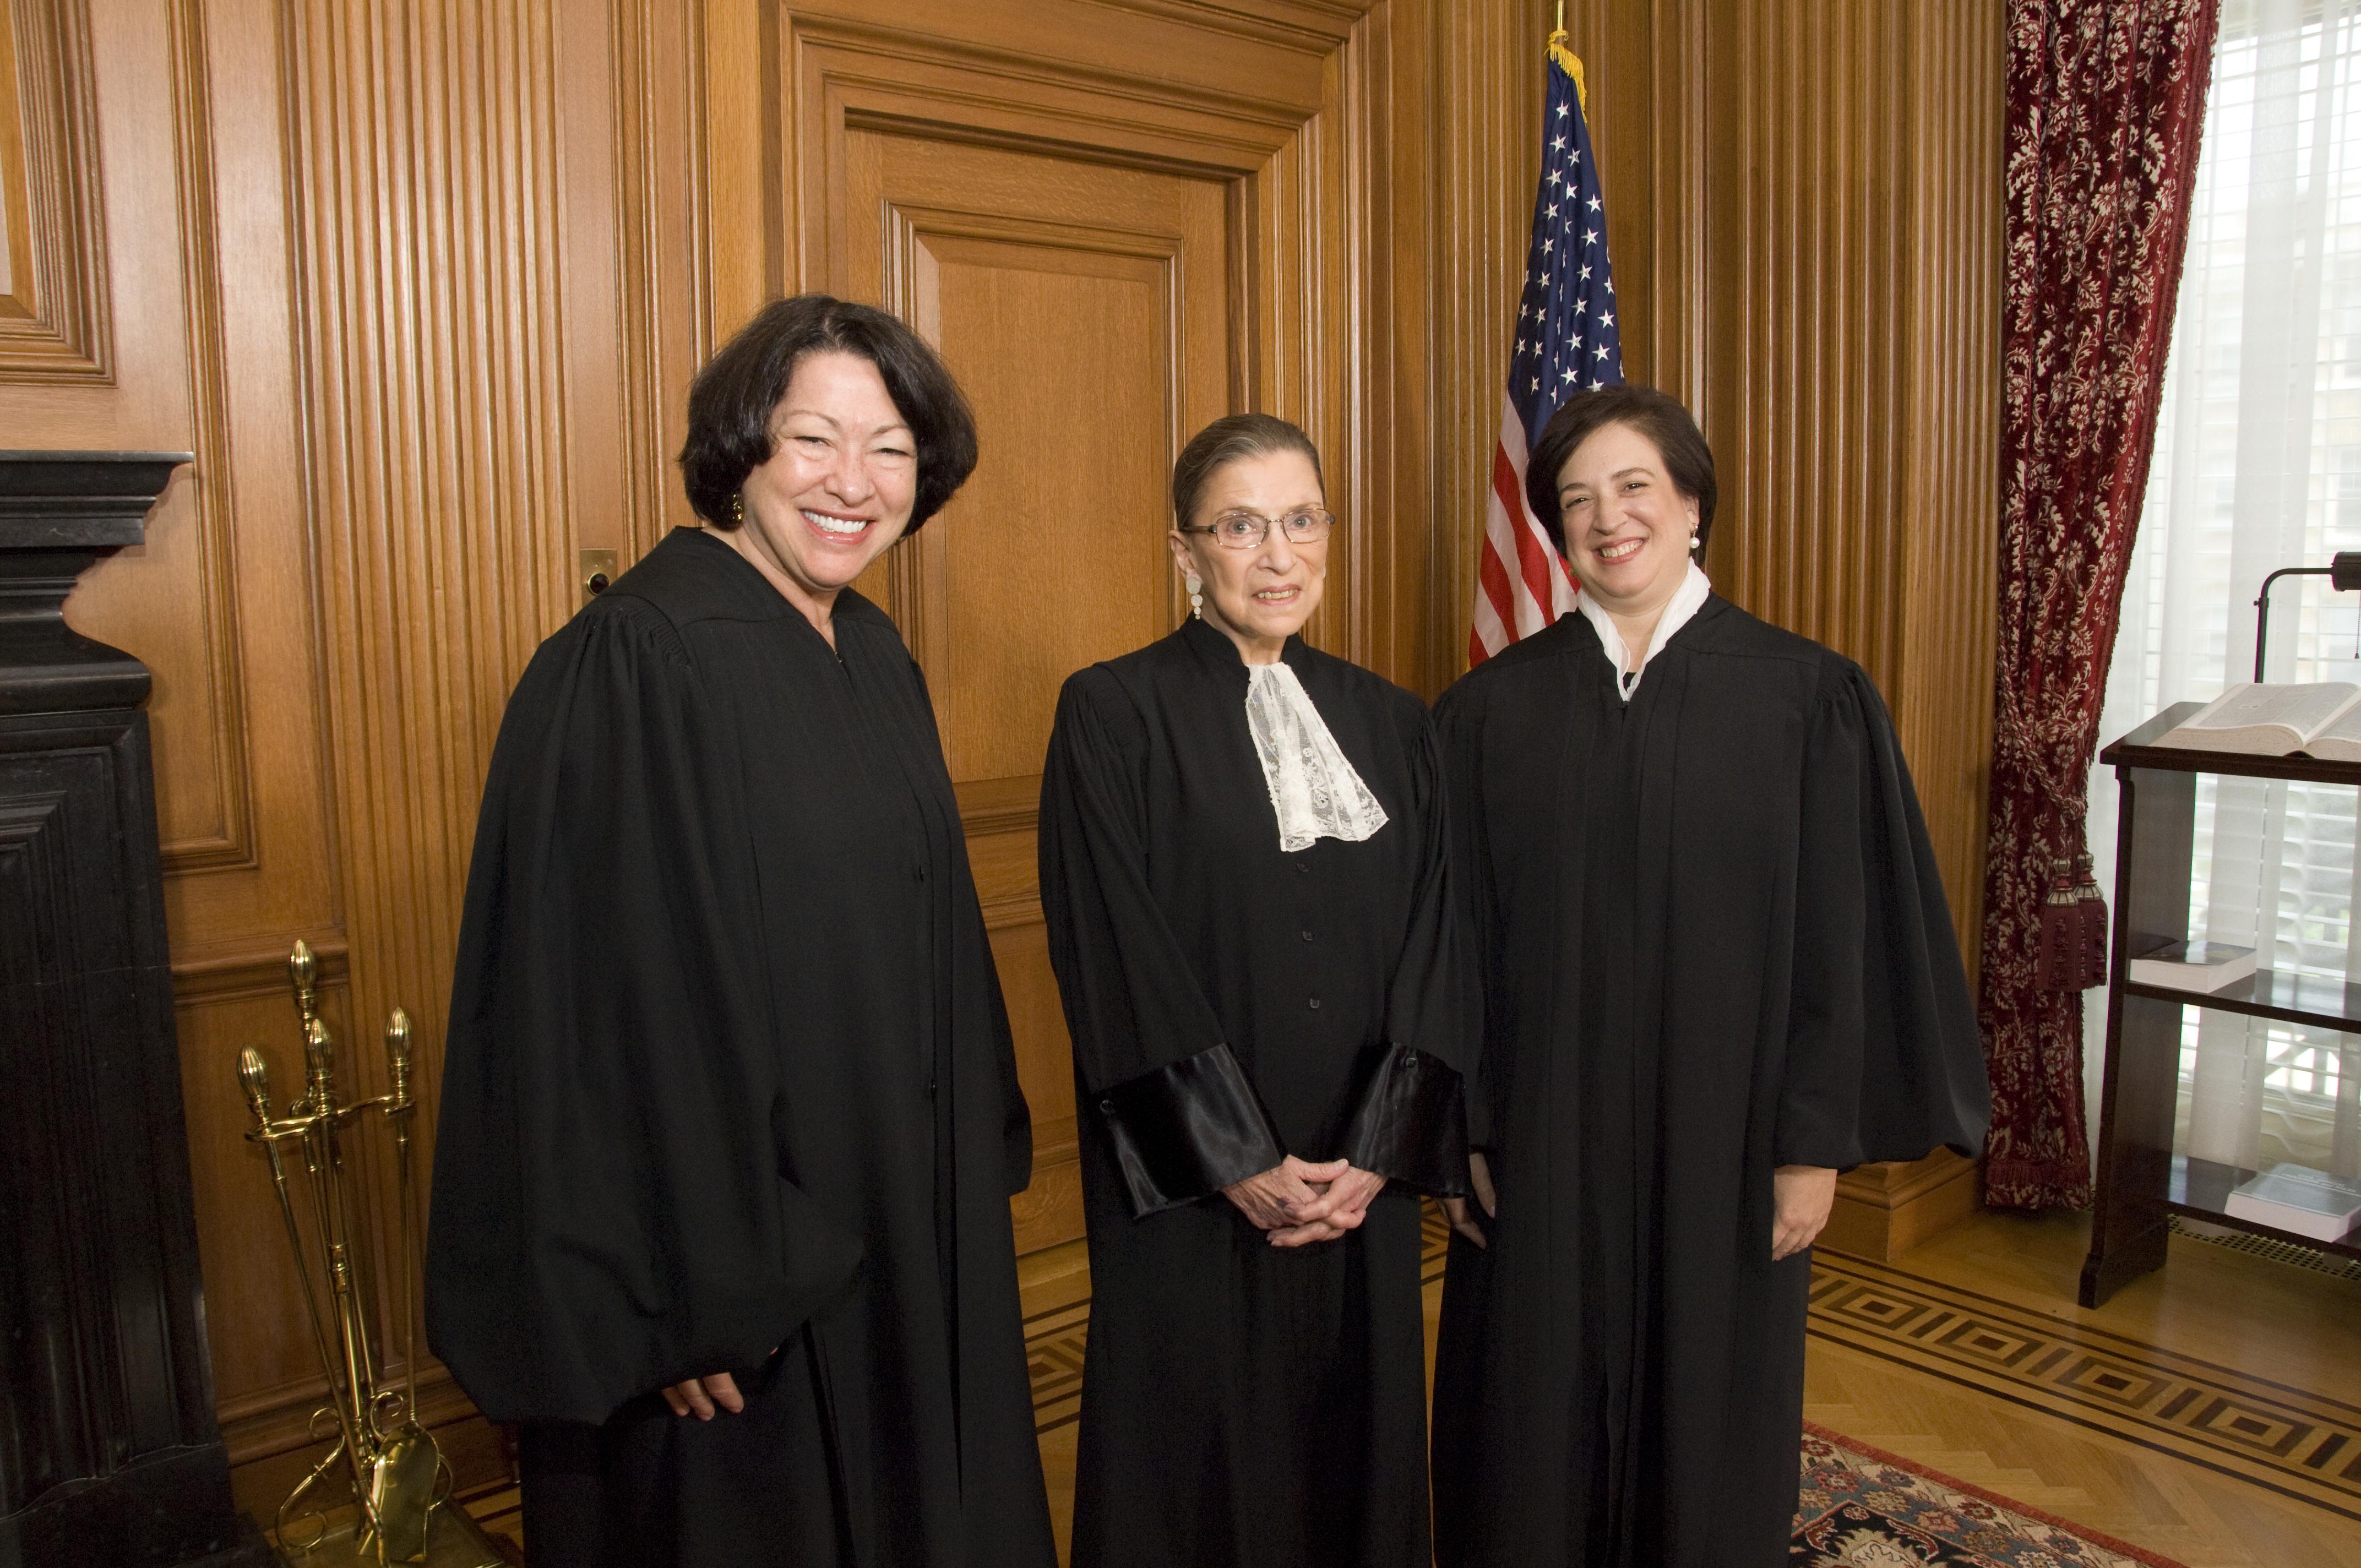 Sotomayor, Ginsburg, and Kagan 10-1-2010.jpg